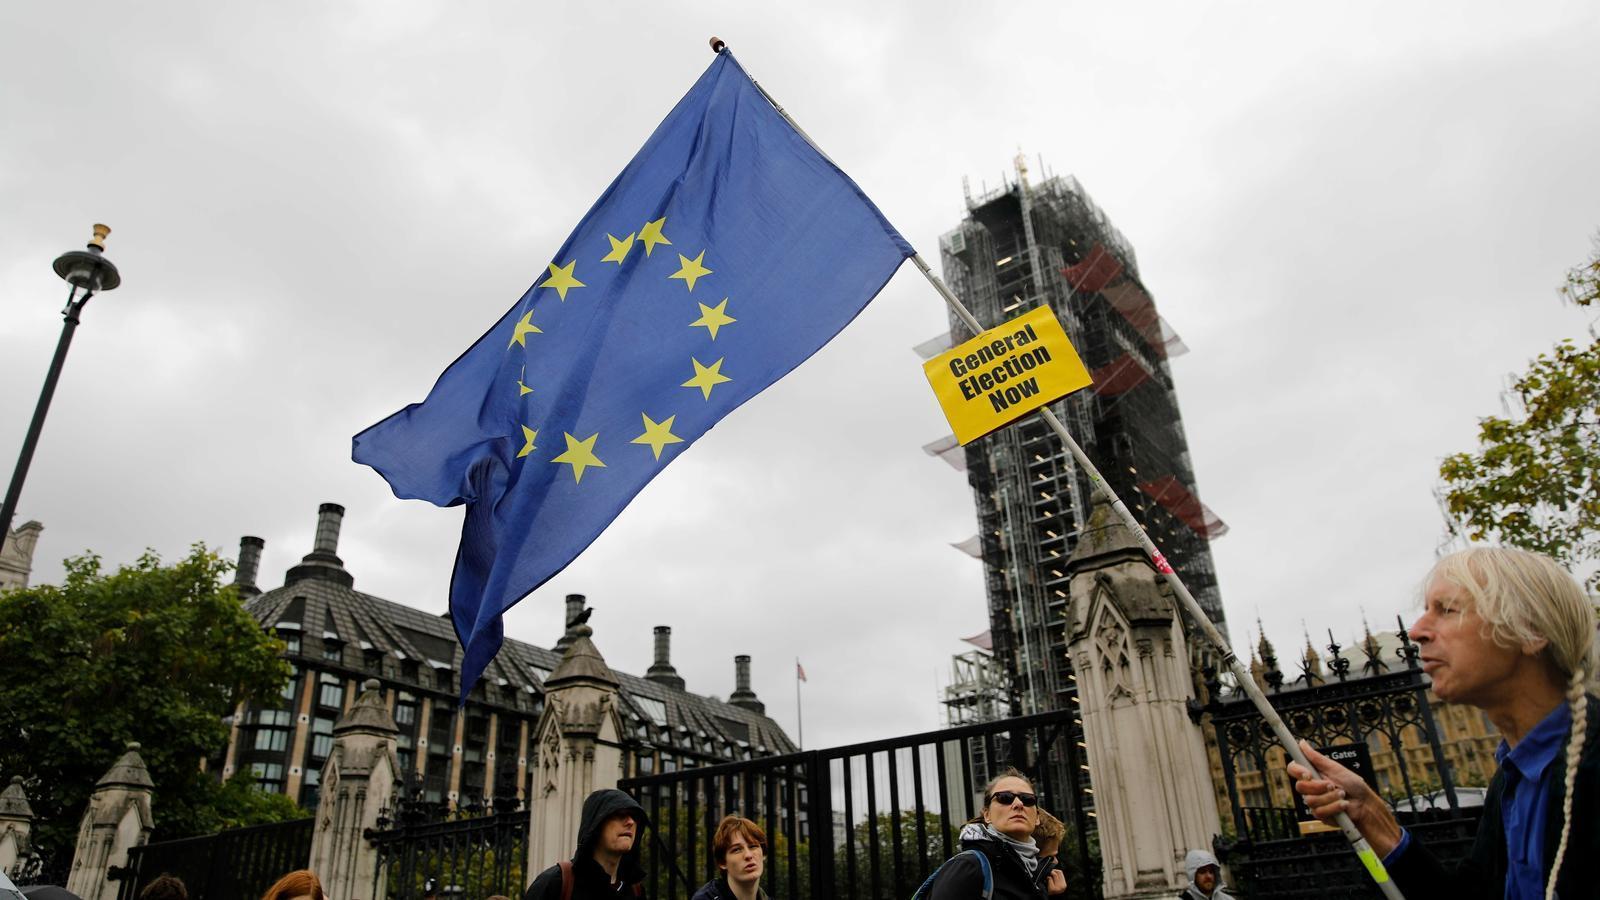 Claus d'un acord fet a Brussel·les però de difícil digestió a Westminster